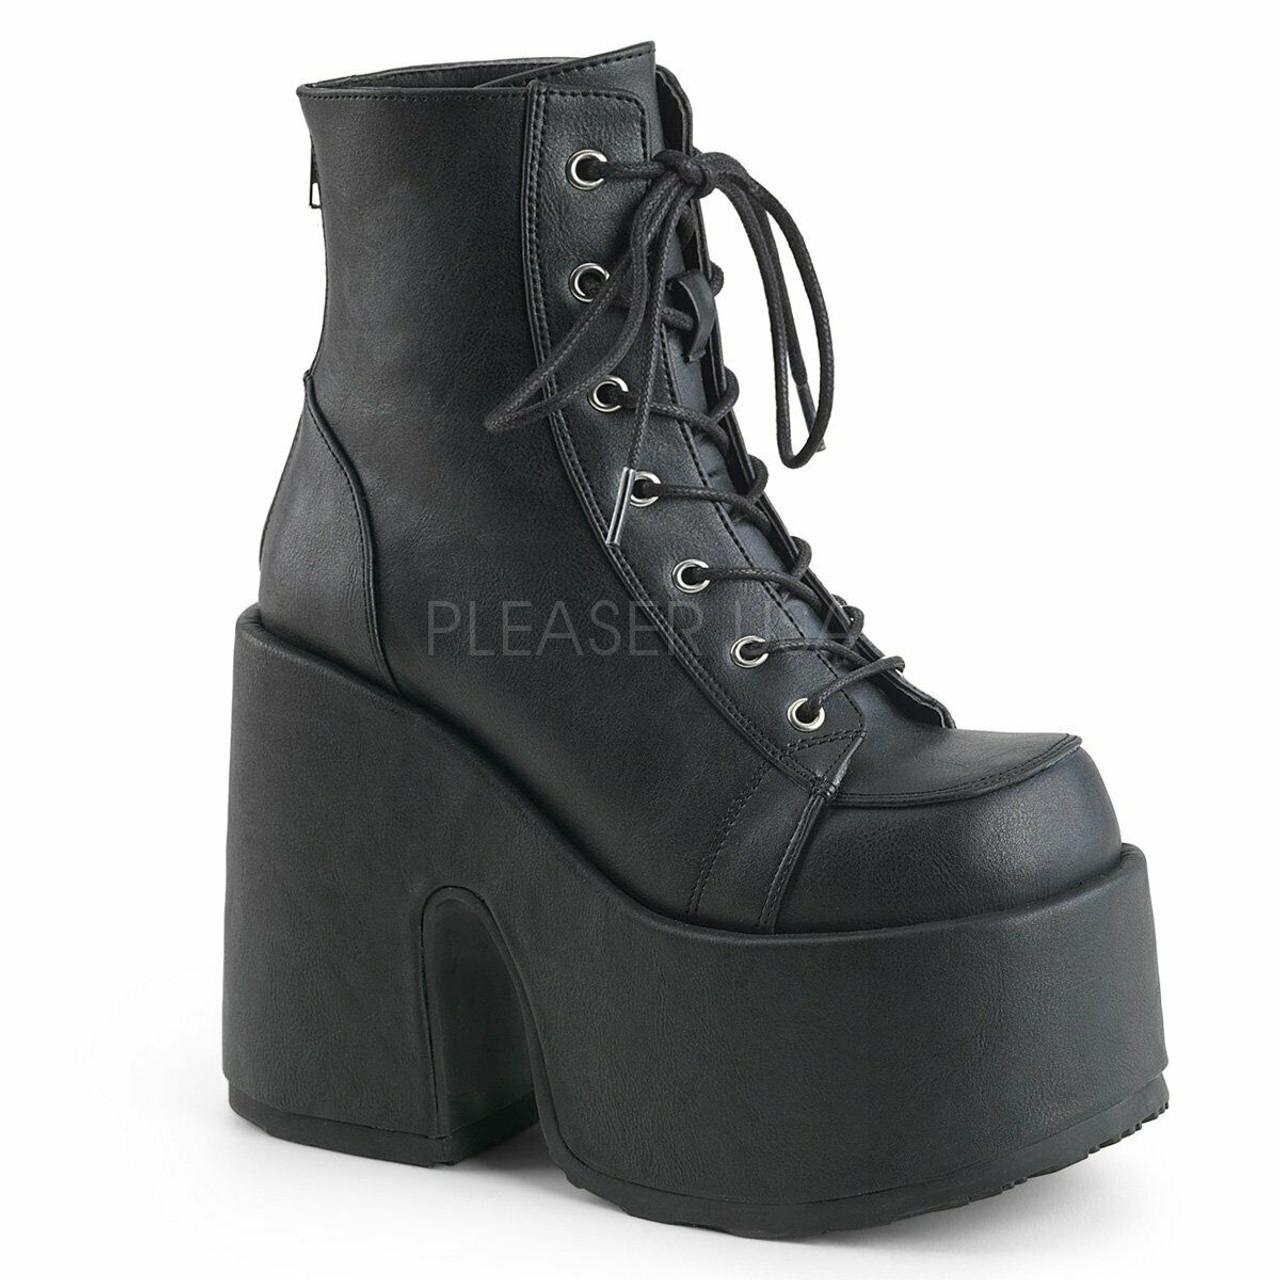 cfc61d57596 Demonia Black Gothic Punk Rock Lace Up Platforms Ankle Heels Boots  Cam203/bvl